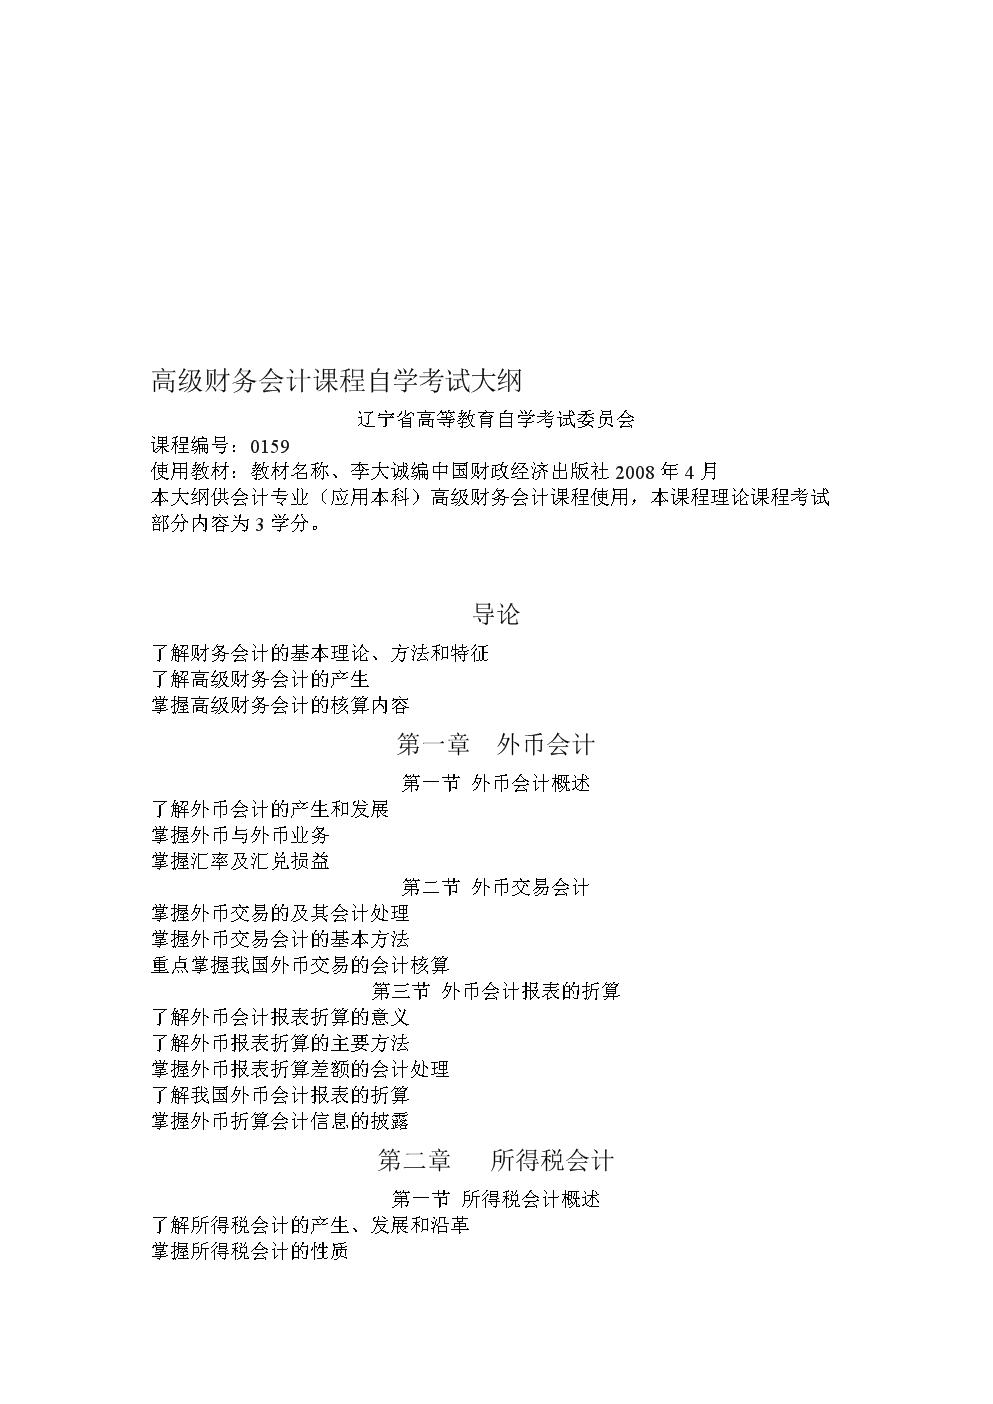 高级财务会计课程自学考试大纲.doc